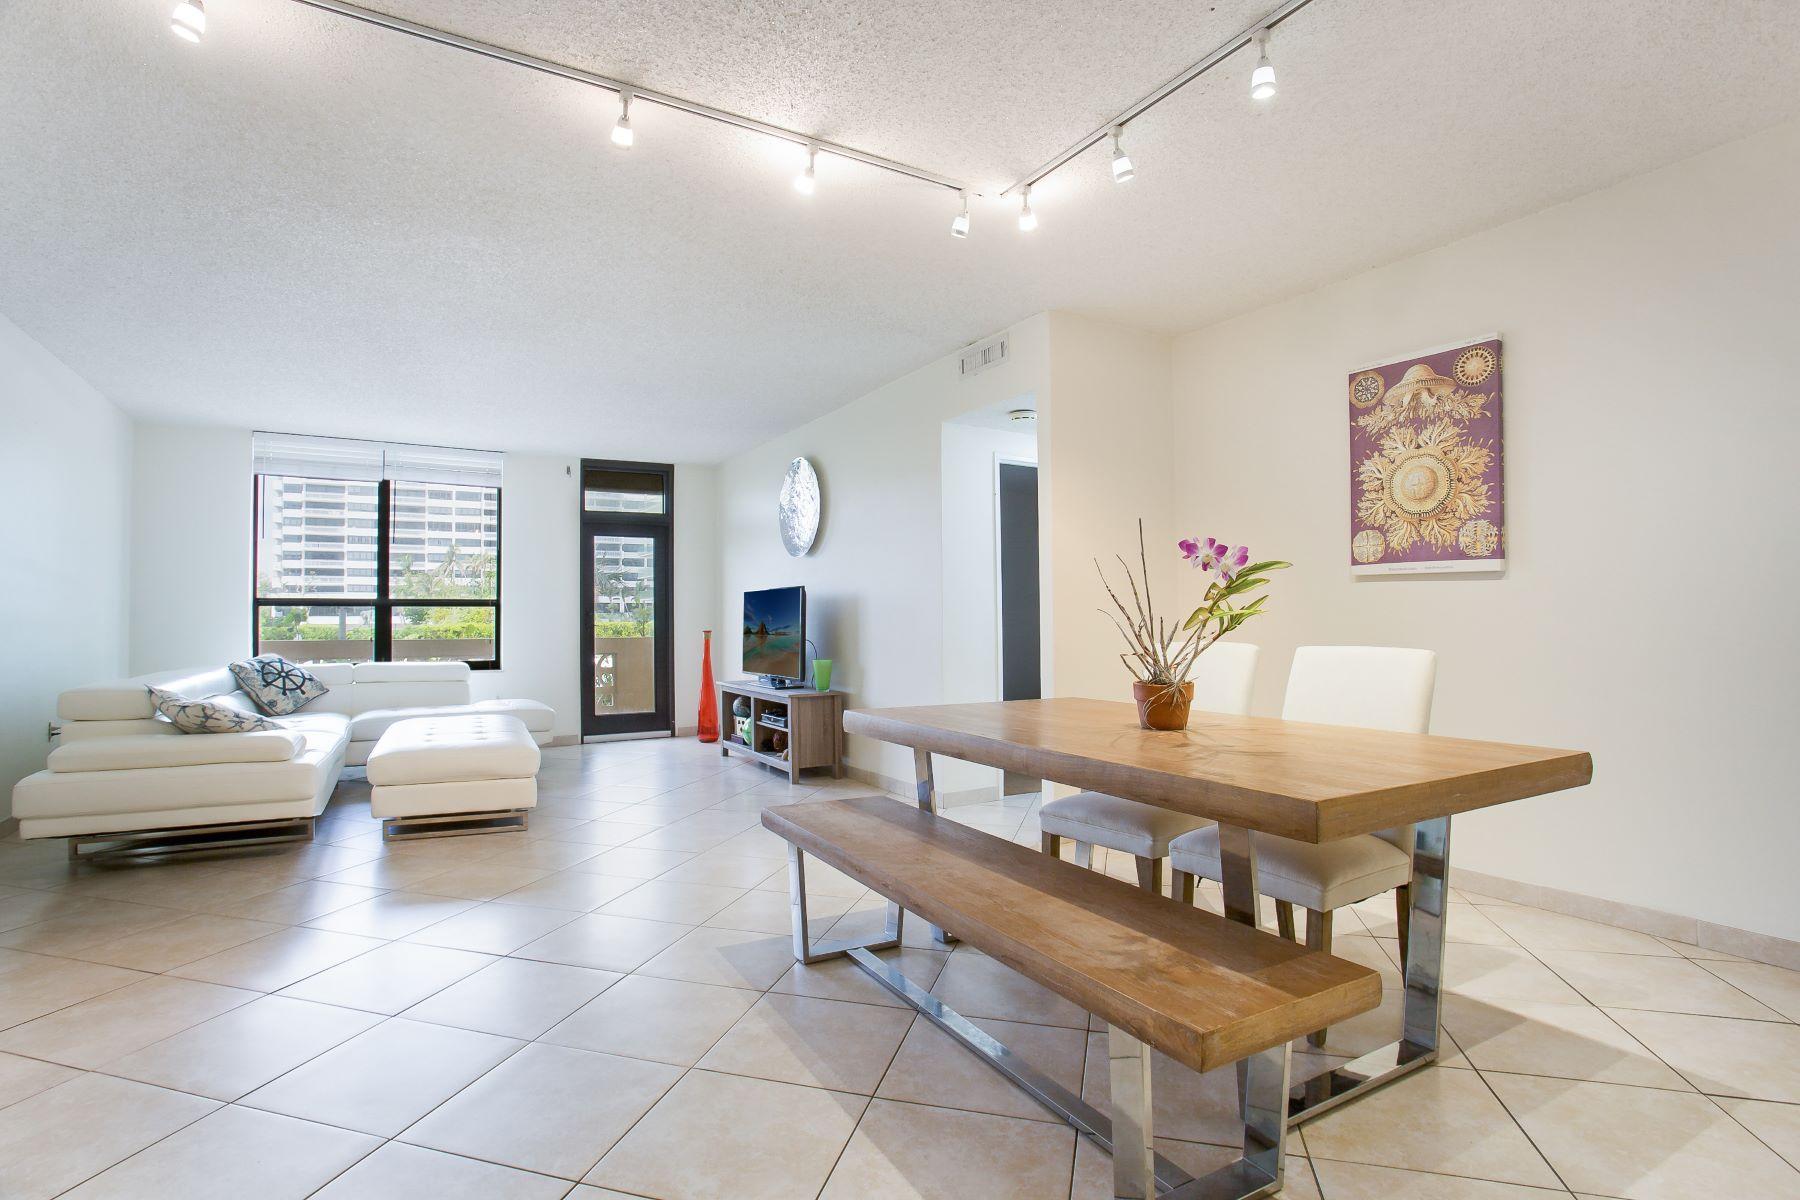 شقة بعمارة للـ Sale في 10185 Collins Ave #202 10185 Collins Ave 202, Bal Harbour, Florida, 33154 United States